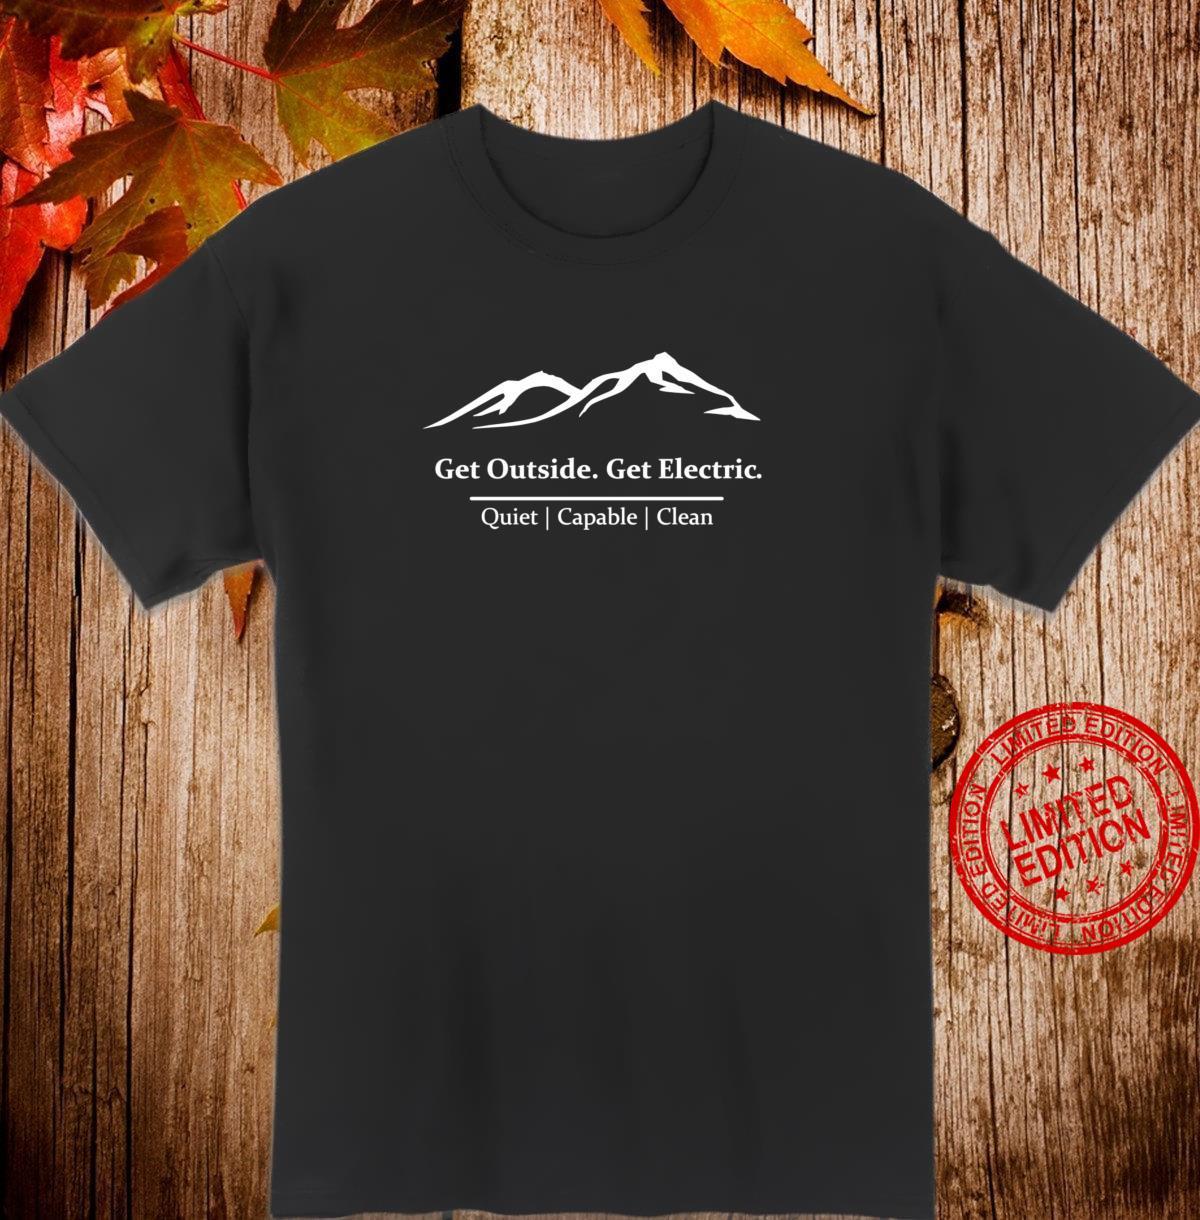 Get Electric Shirt